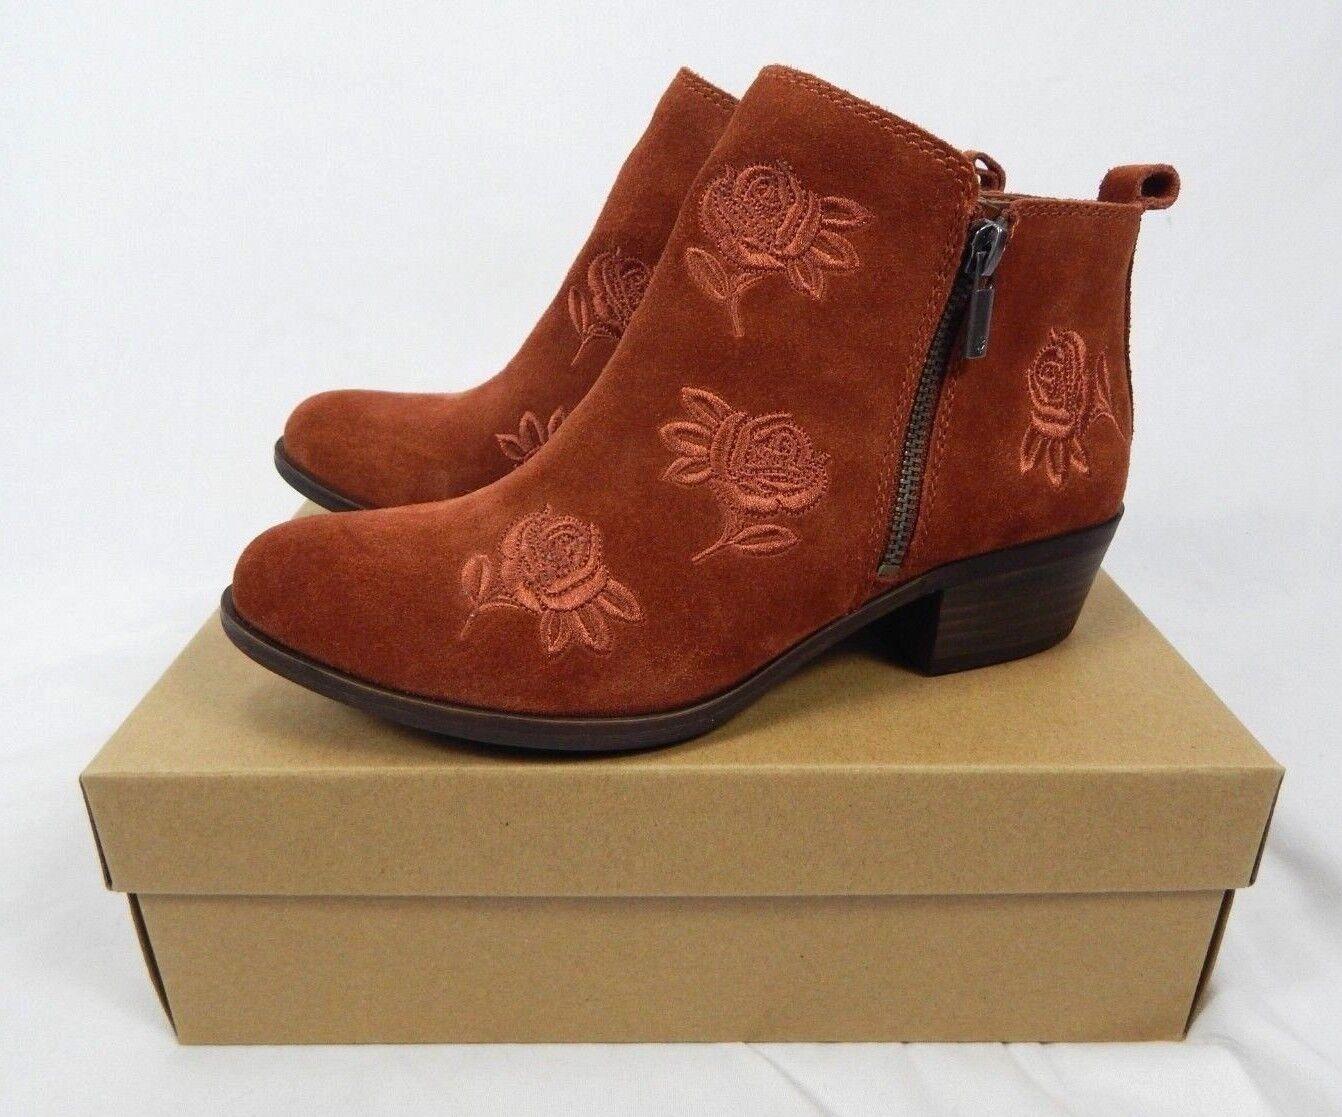 le migliori marche vendono a buon mercato Lucky Brand Donna    rosso Oak Oiled Suede Basel Embroidery Ankle avvioies - 8, 8.5  alta quaità